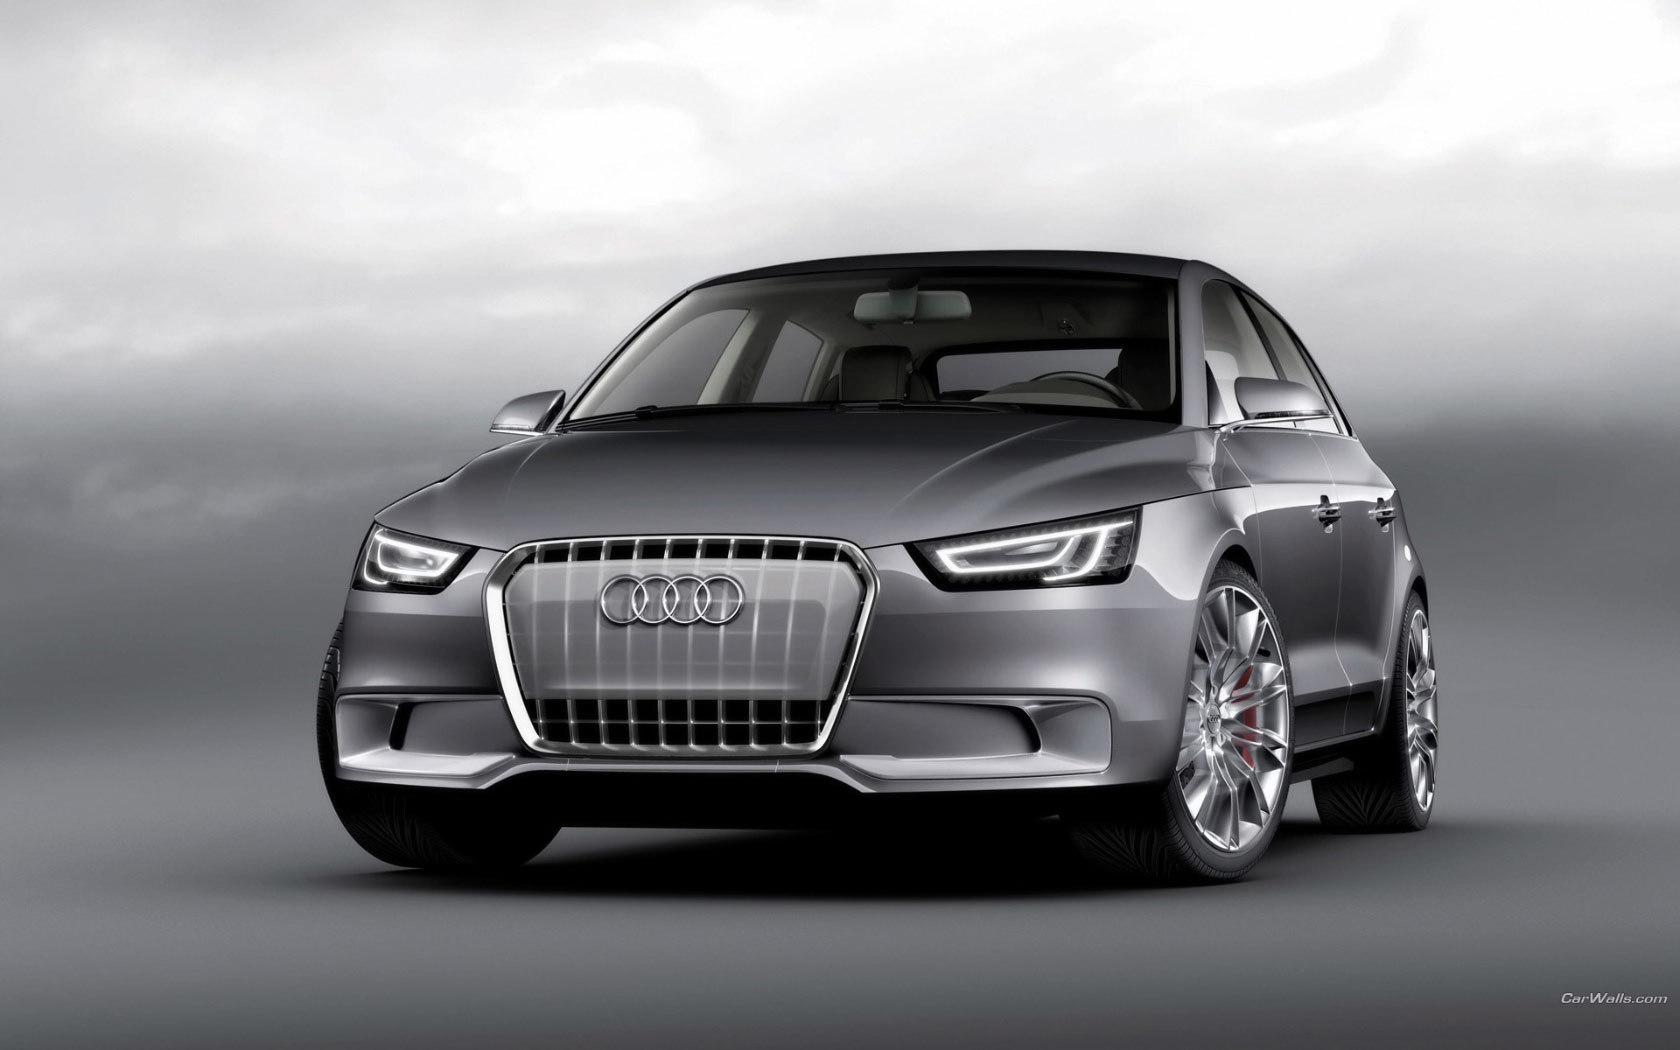 10973 скачать обои Транспорт, Машины, Ауди (Audi) - заставки и картинки бесплатно